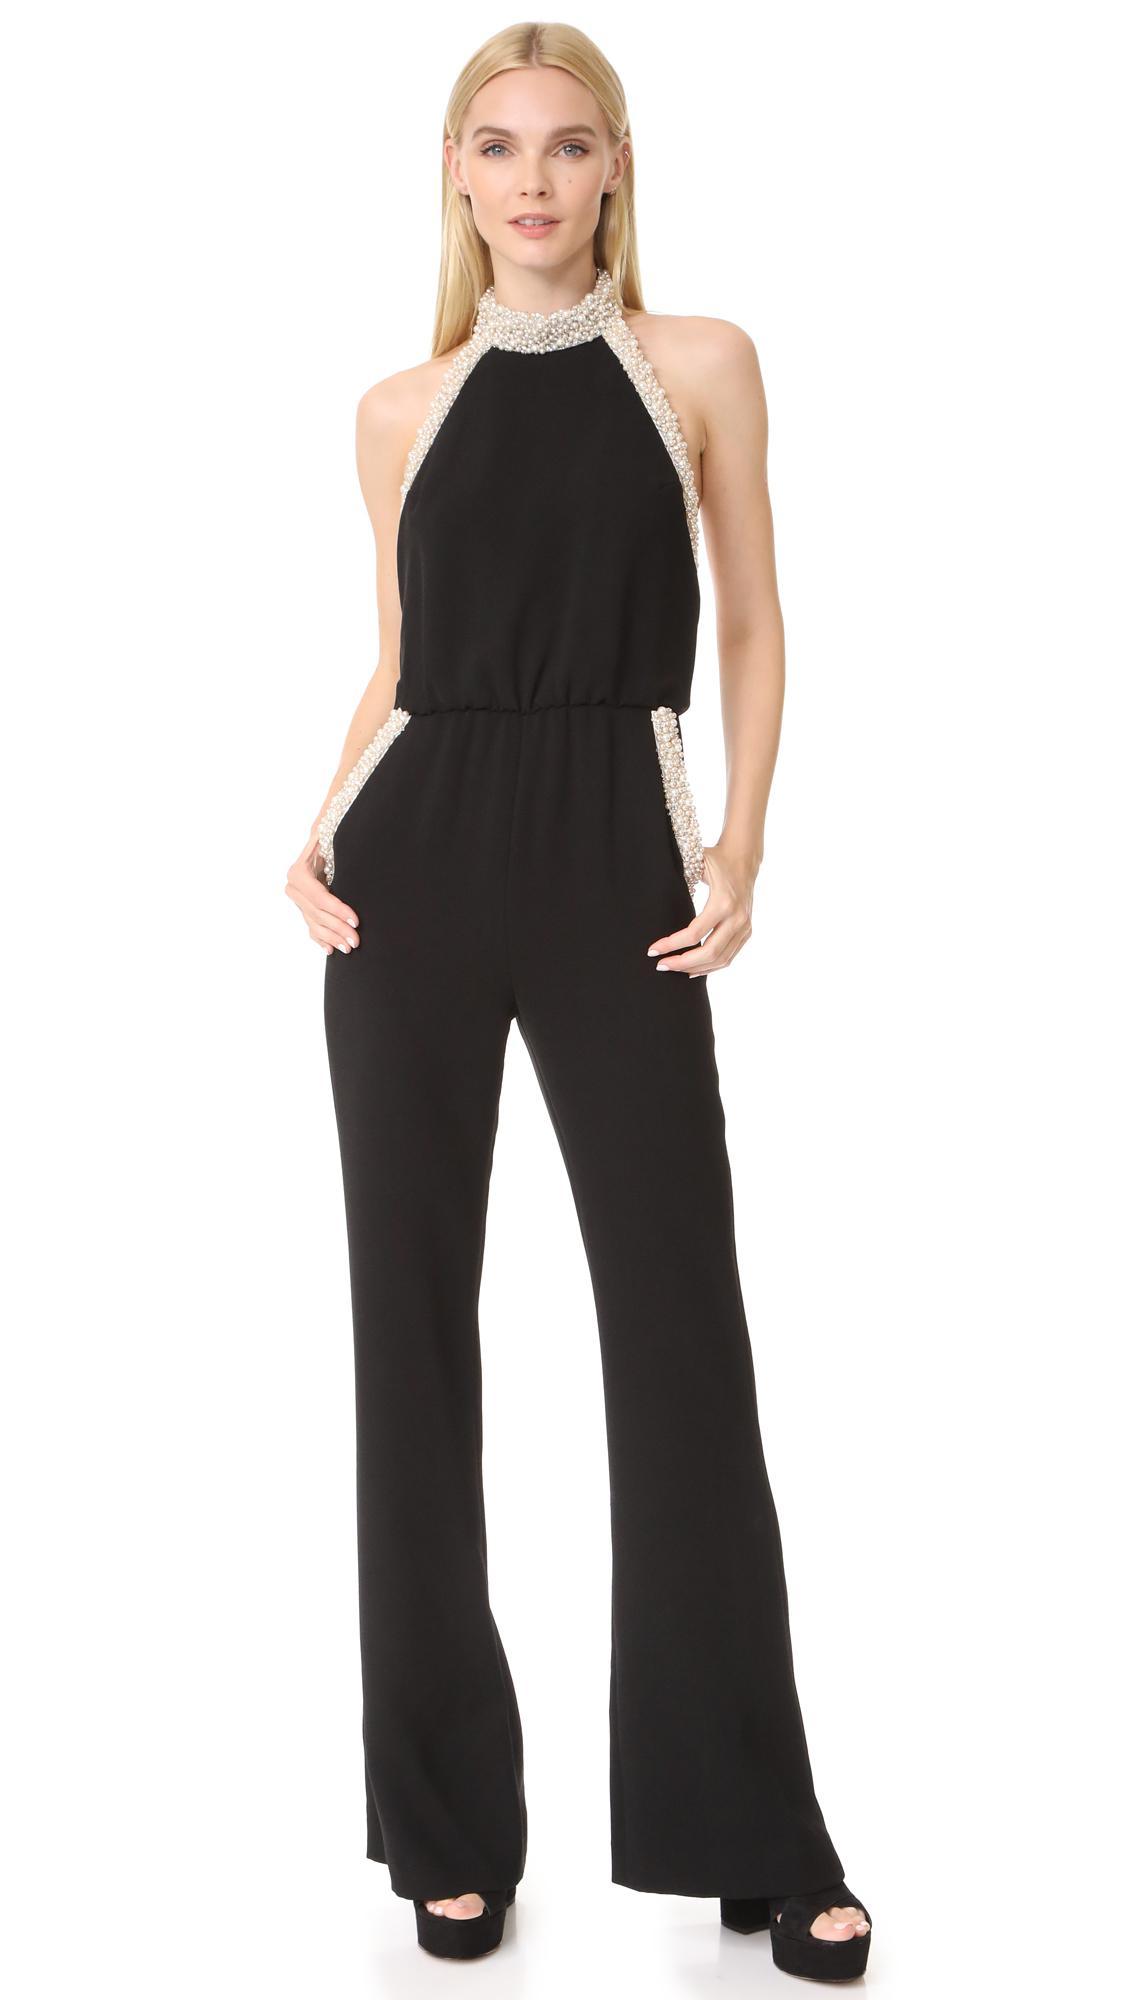 d25760ae4fd4 Lyst - Rachel Zoe Elinor Jumpsuit in Black